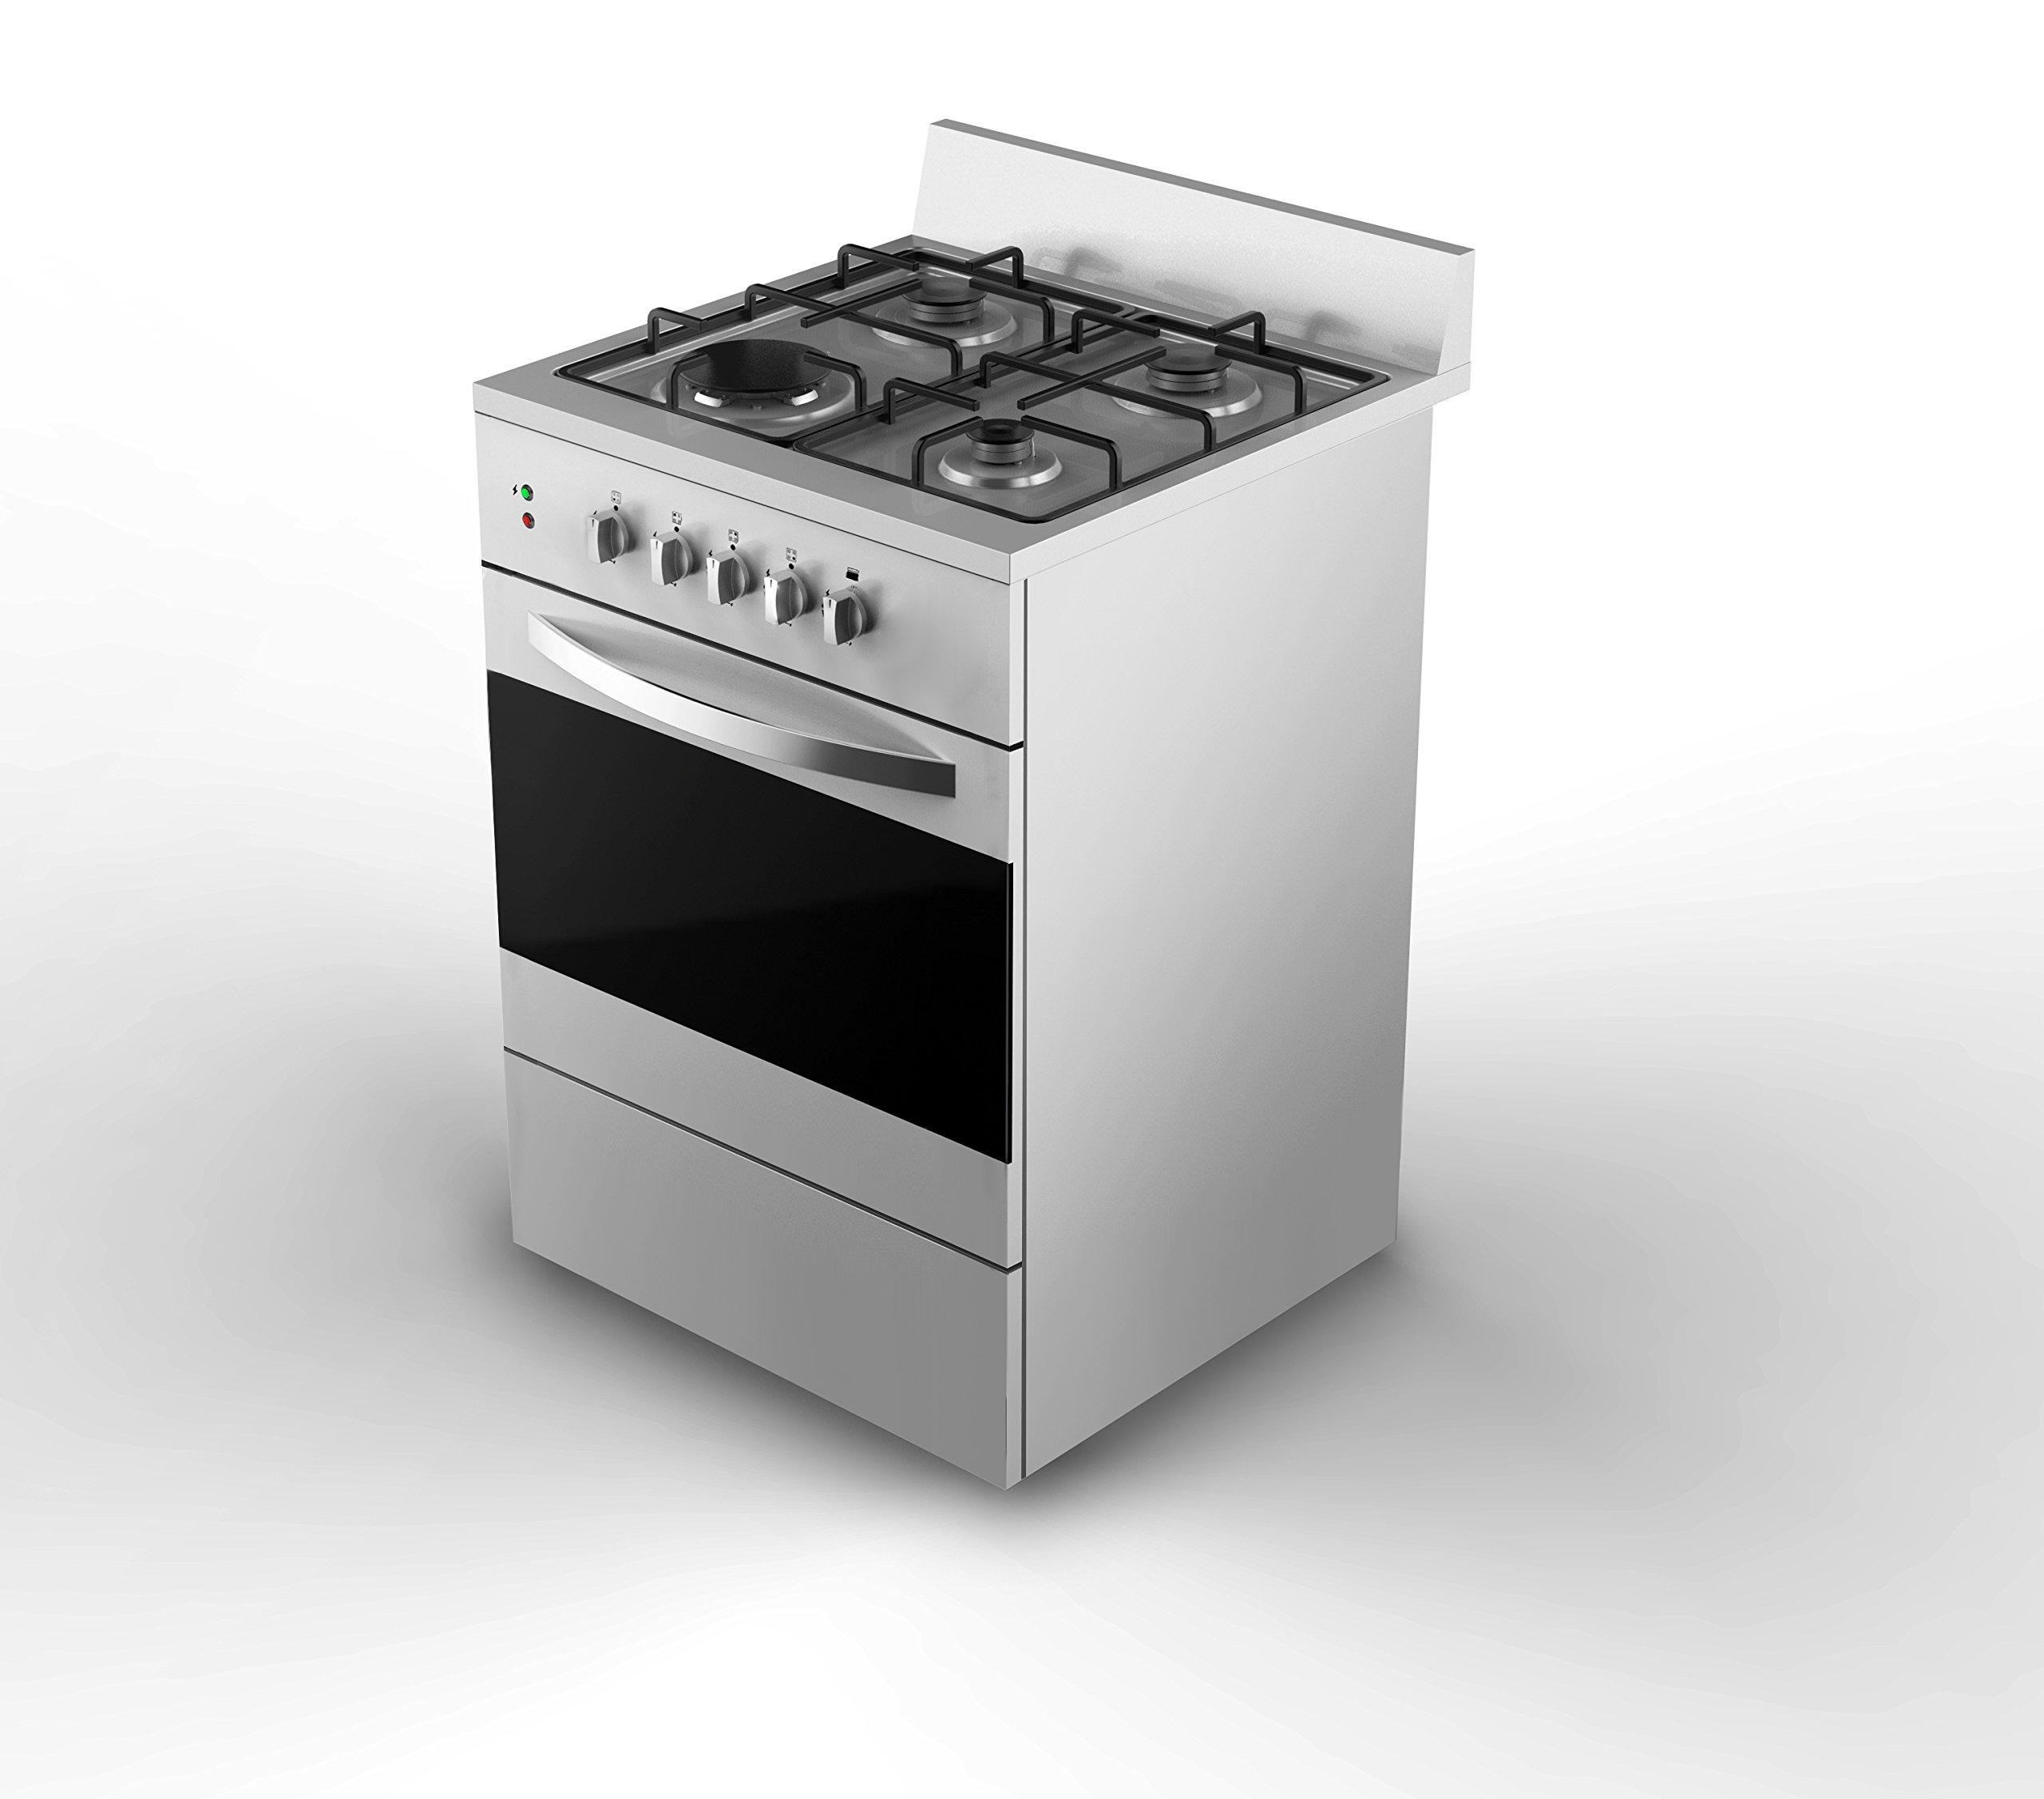 Empava 24'' Slide-In Free Standing Gas Range 4 Italy Sabaf Burner Cooktop W/ Single Oven EMPV-24GR02AT